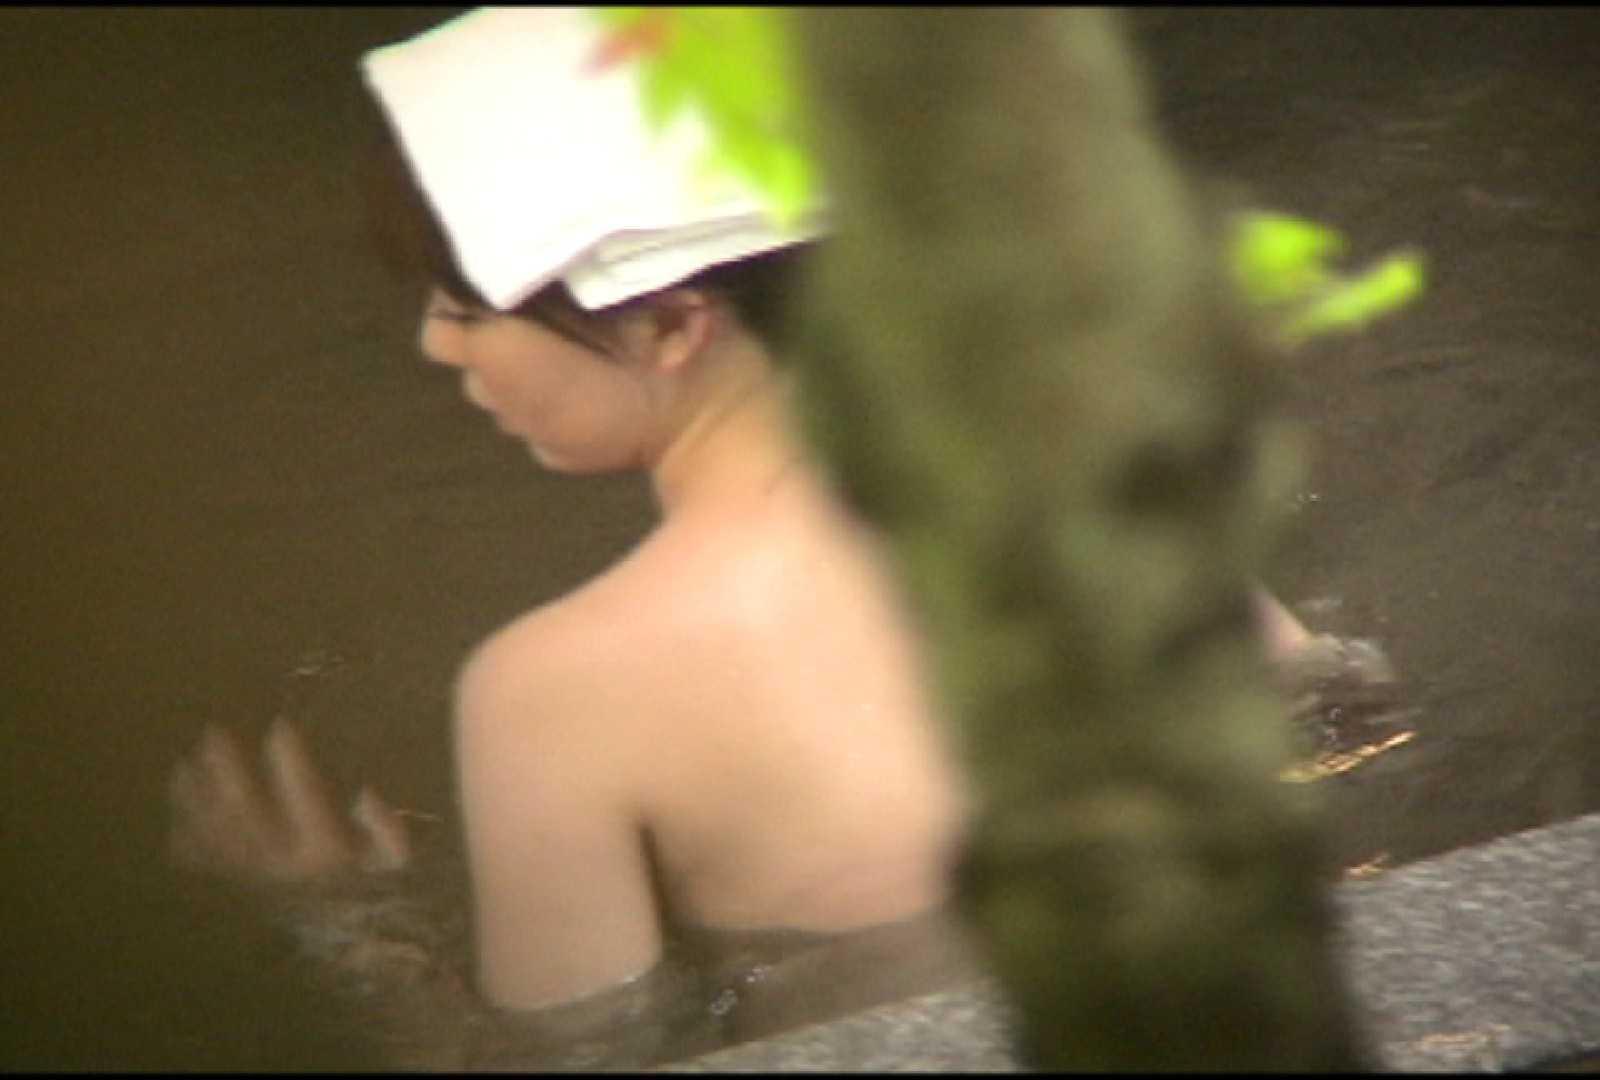 Aquaな露天風呂Vol.699 美しいOLの裸体  101pic 69